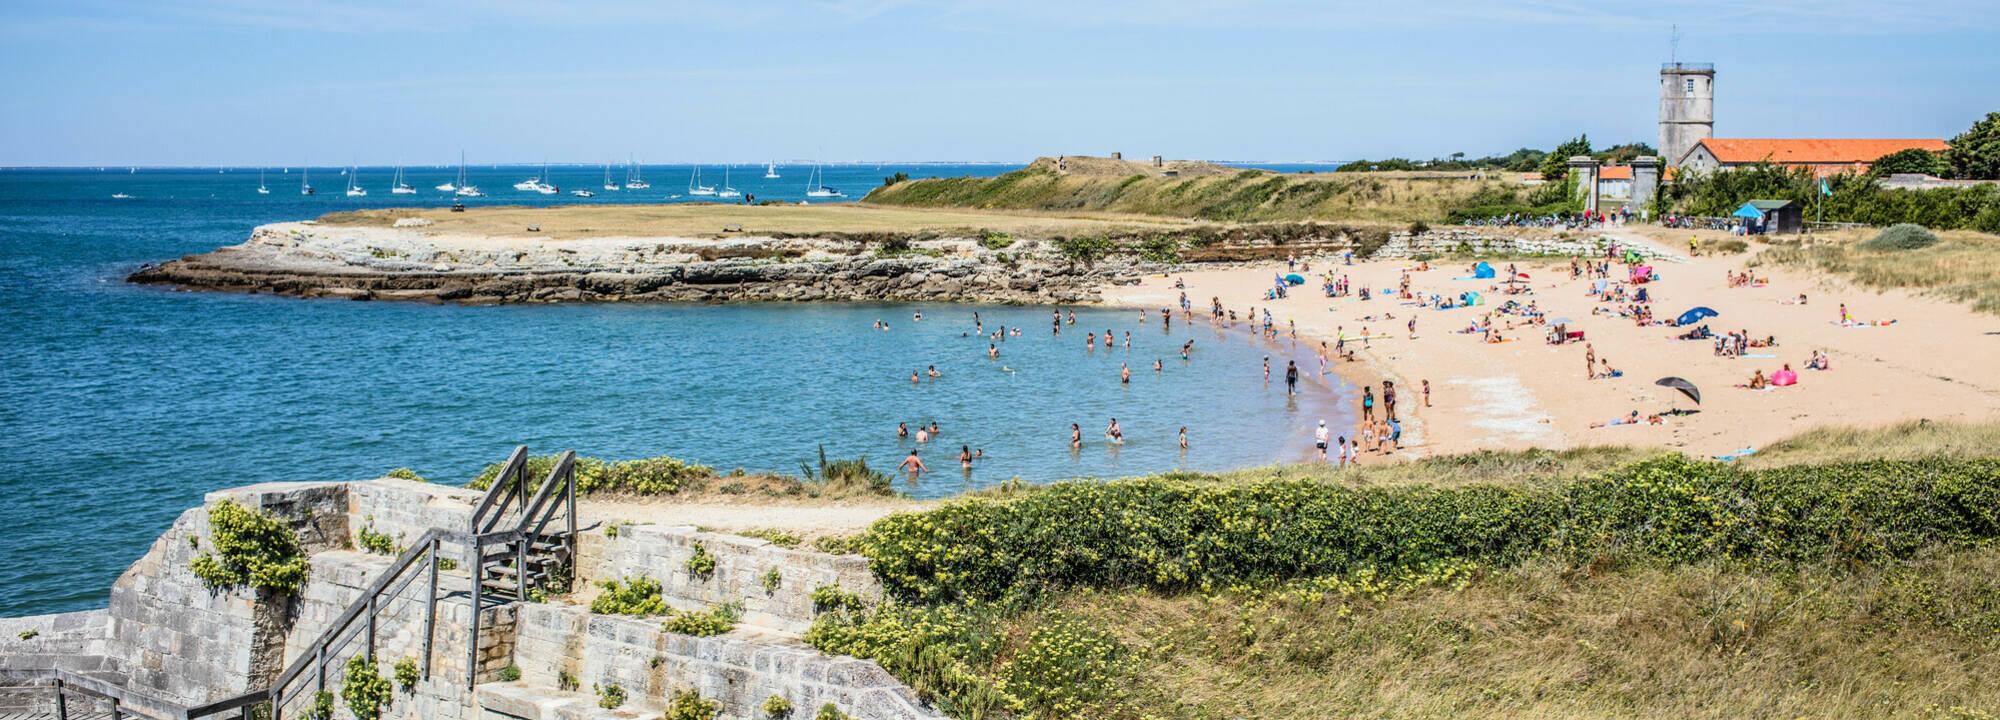 Ile d aix une le 1000 paysages office de tourisme de - Office de tourisme d aix en provence ...